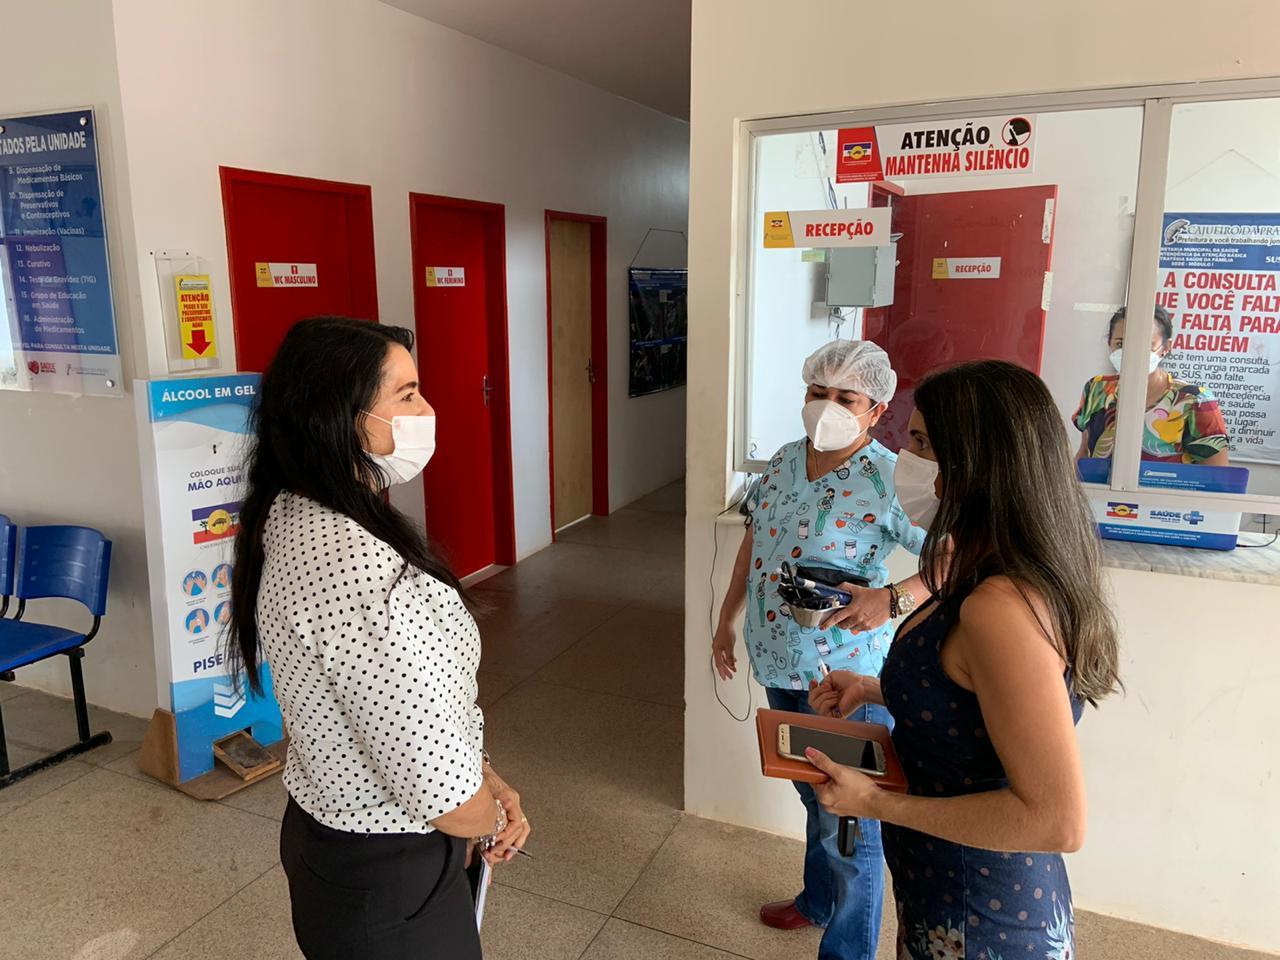 Teresa Britto fez uma vistoria na casa de saúde